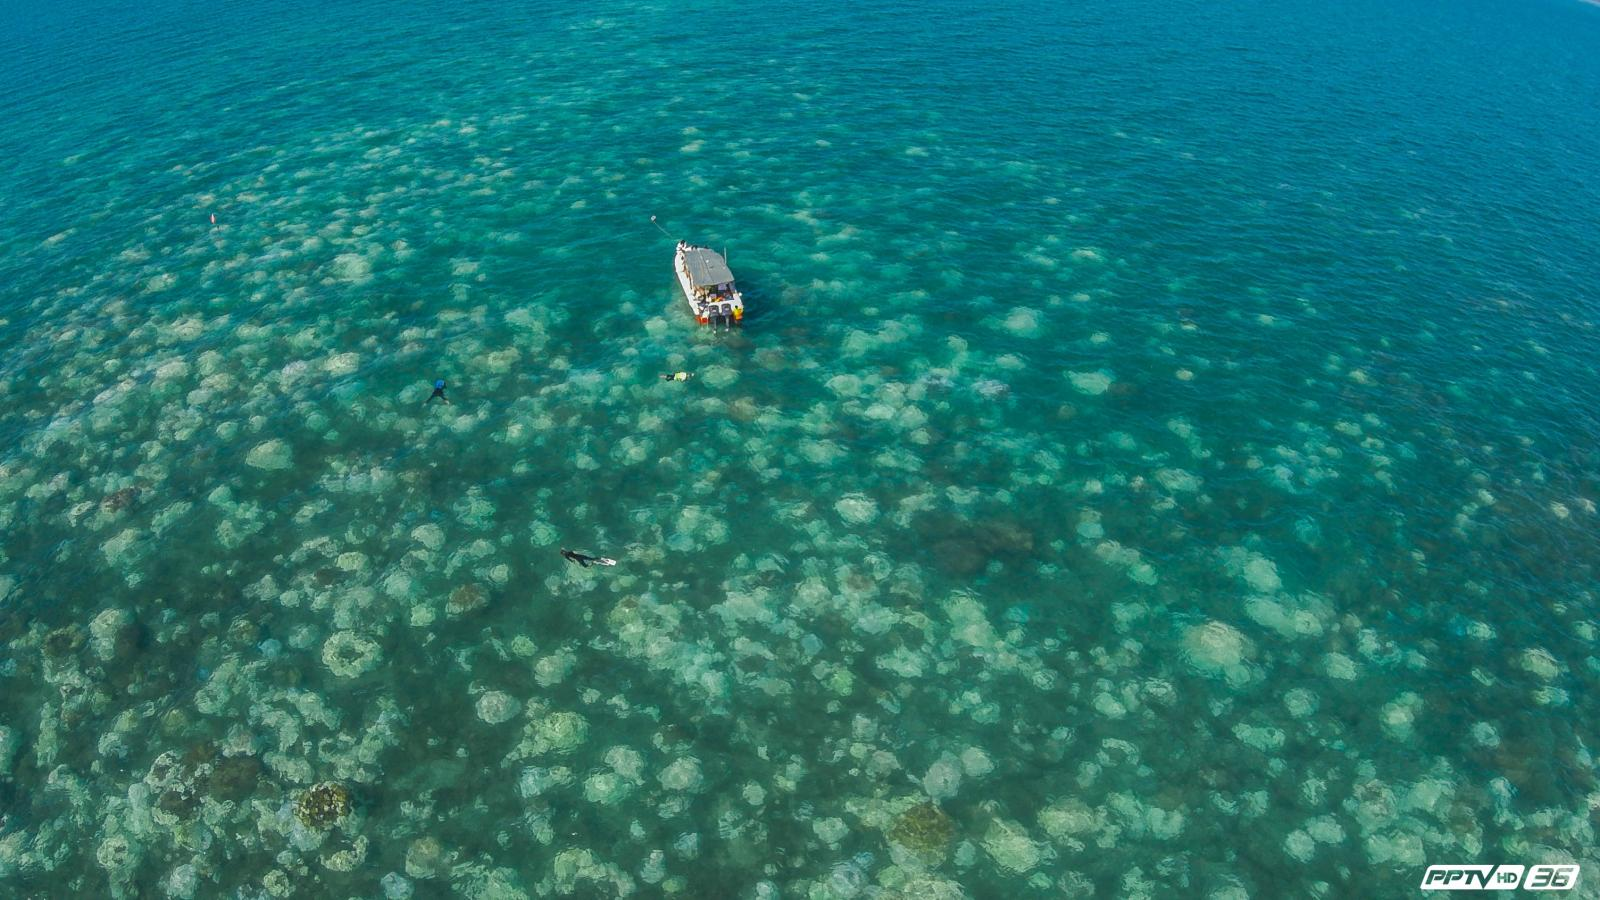 ปรากฎการณ์ปะการังฟอกขาว